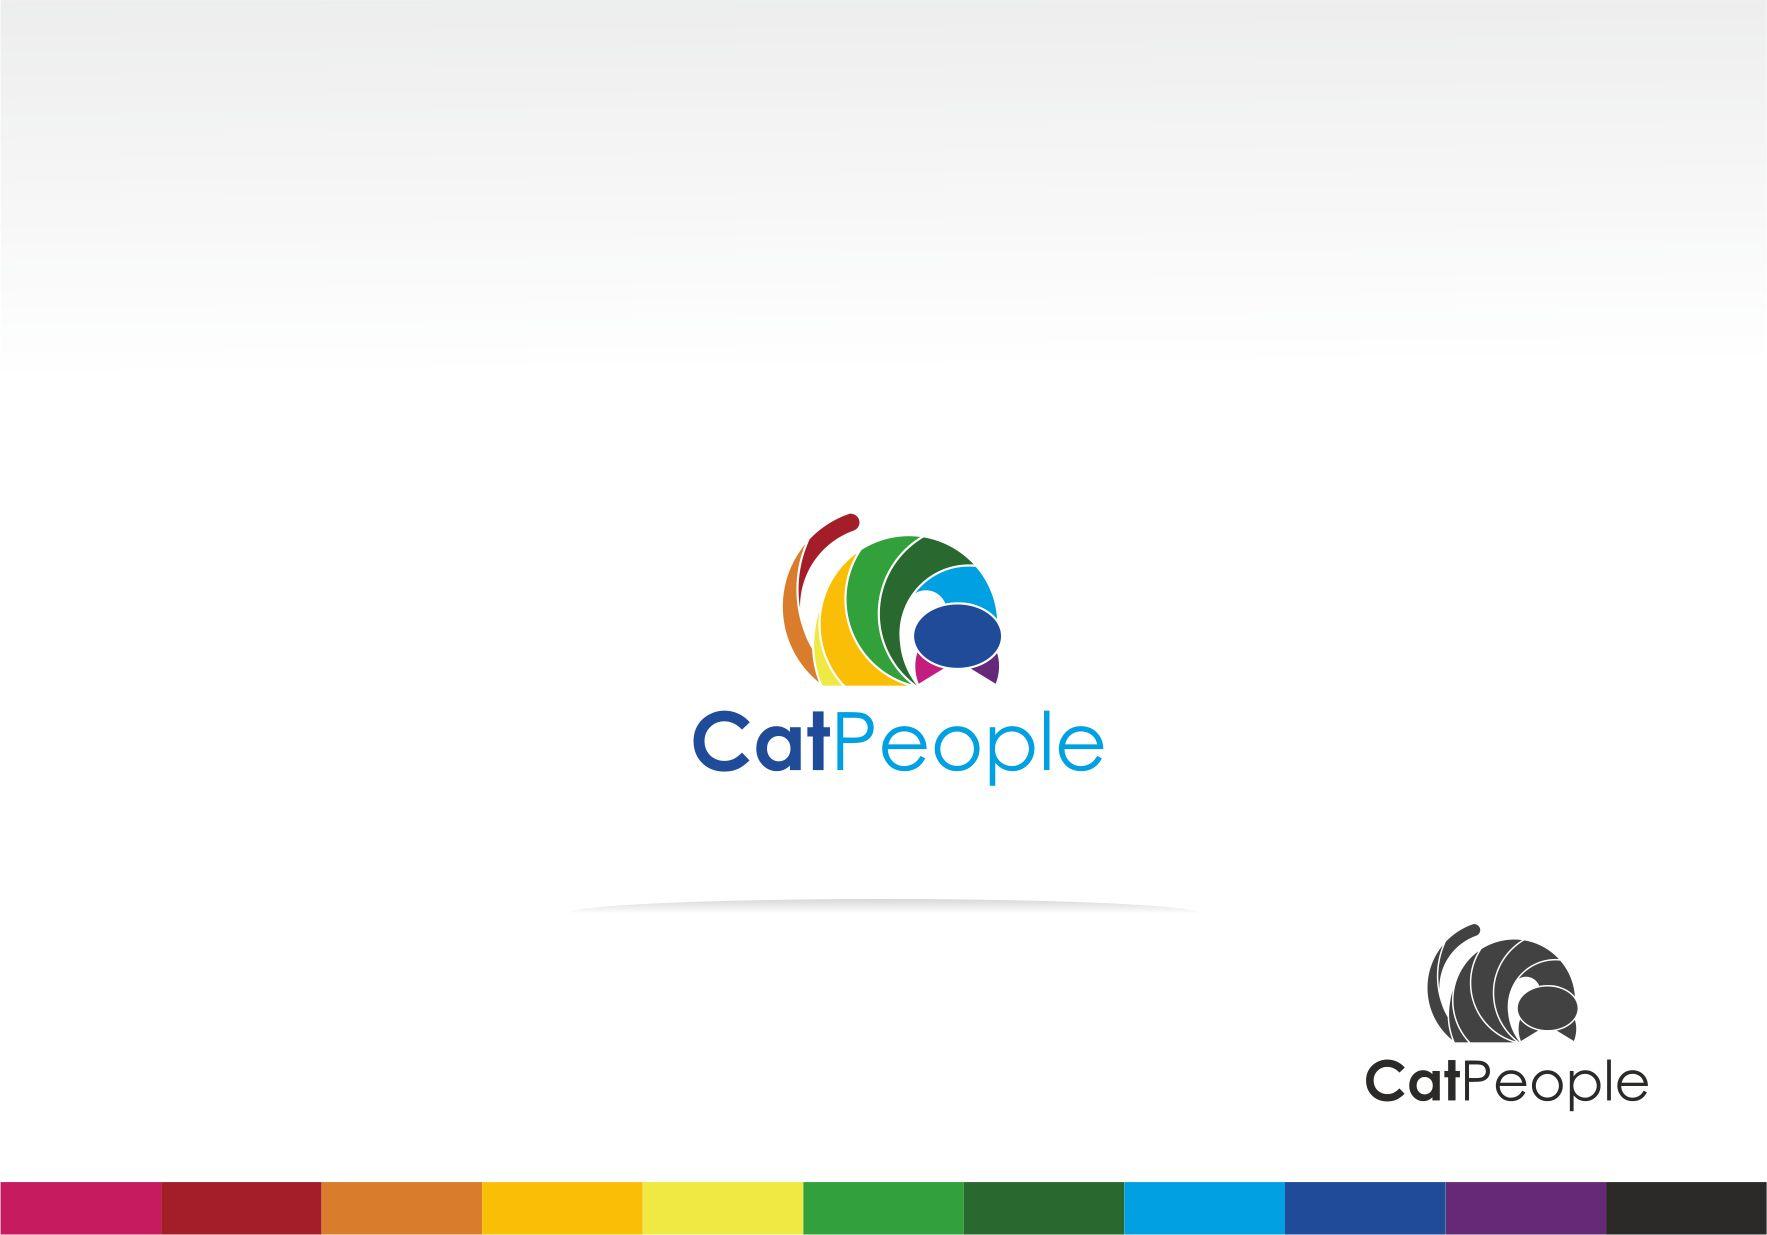 Логотип для информационного ресурса CatPeople - дизайнер La_persona